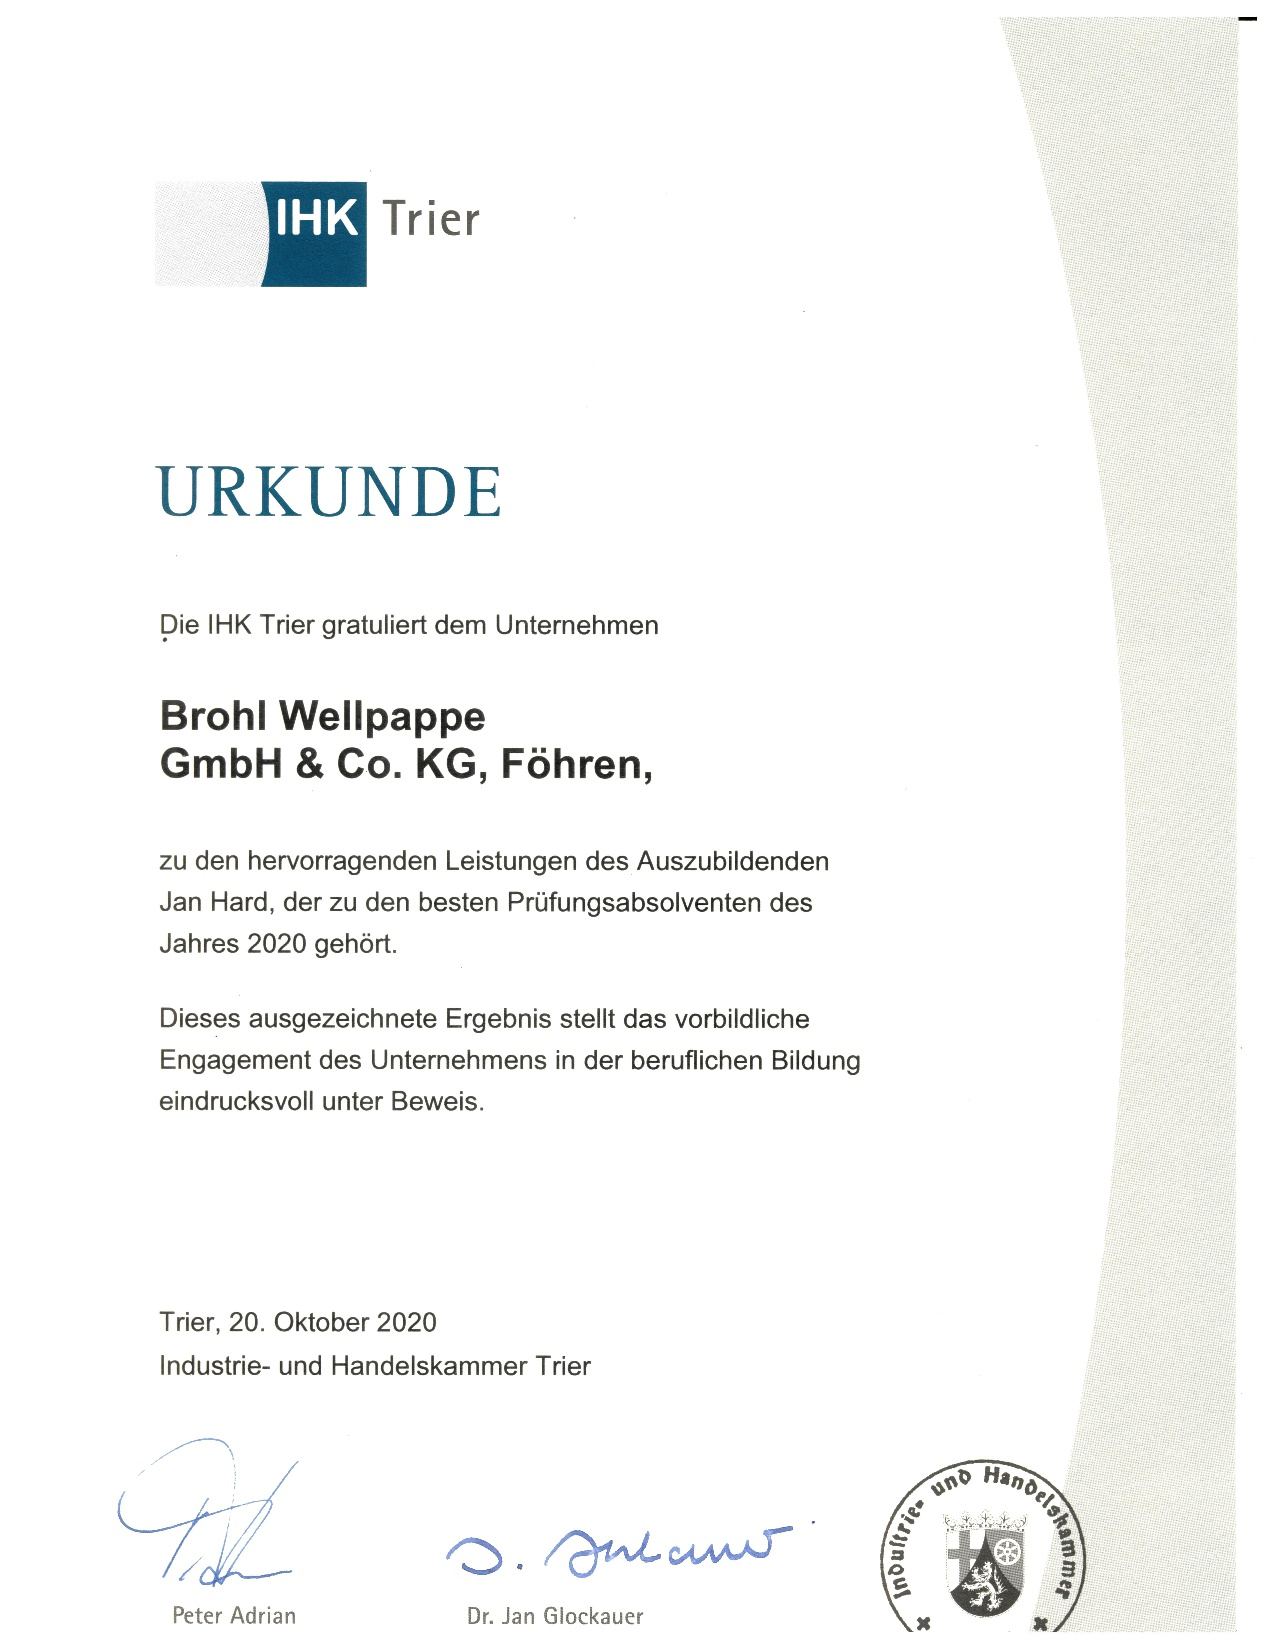 IHK Trier Auszeichnung Ausbildung bei Brohl Wellpappe Föhren